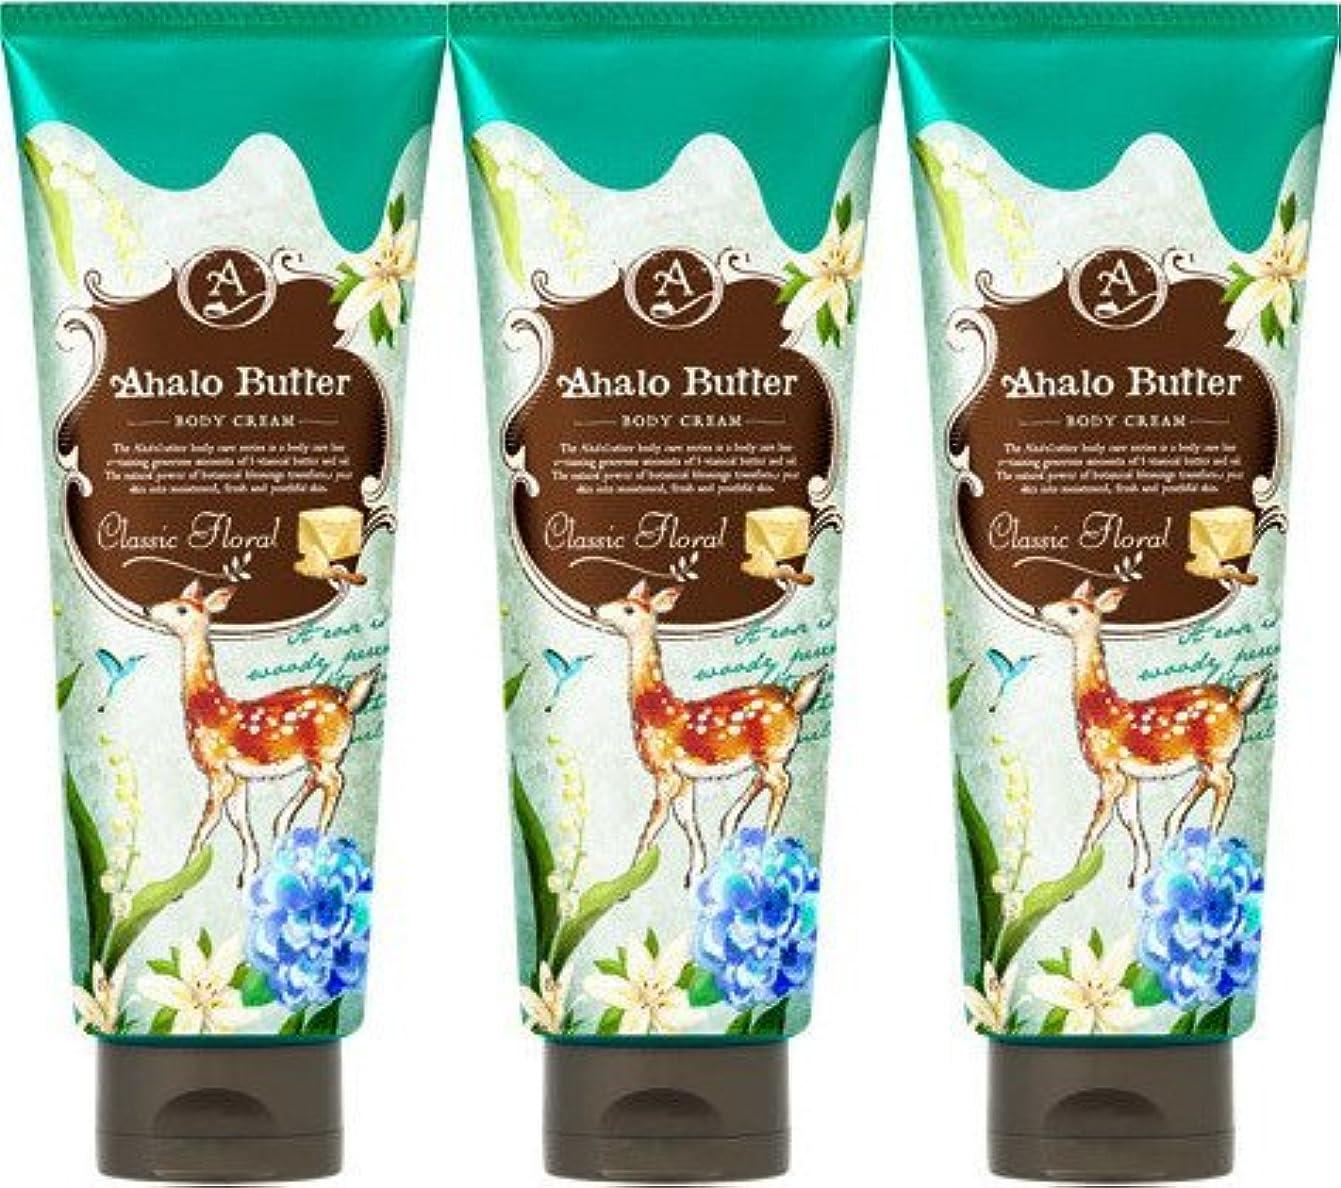 メドレーマサッチョ兵士【3個セット】Ahalo butter(アハロバター) ボディクリーム クラシックフローラル 150g